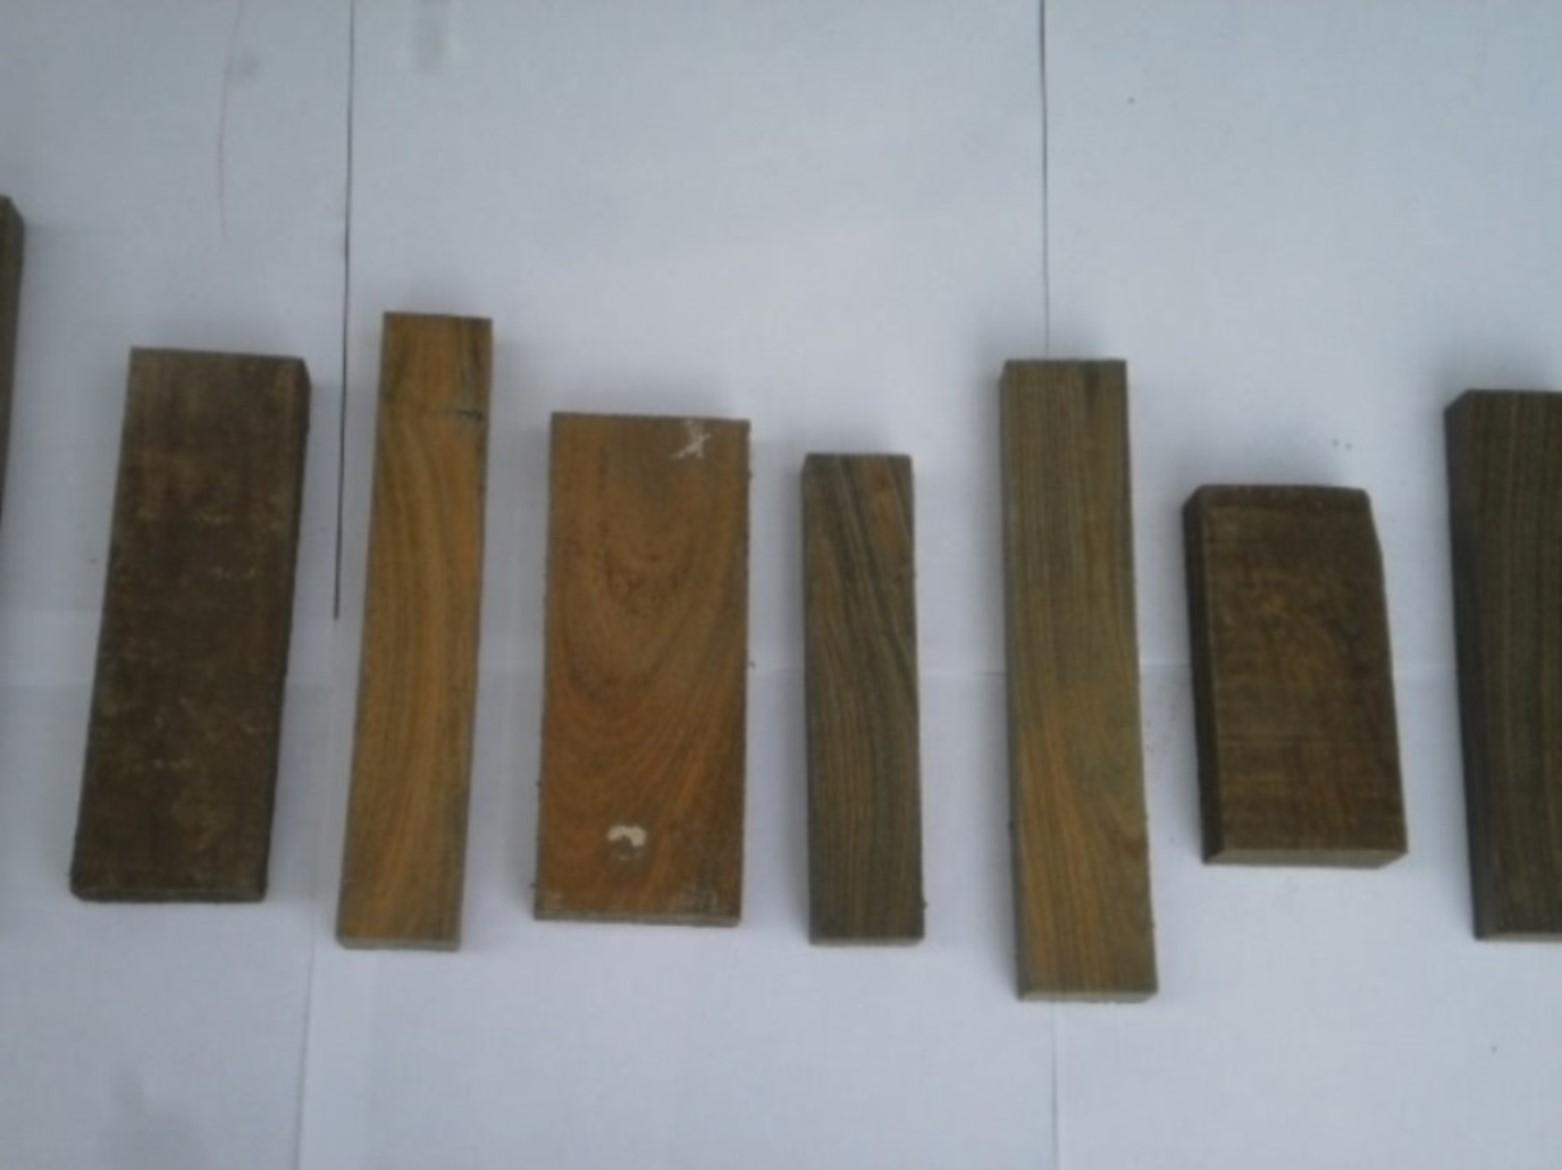 Palo Santo / Lignum vitae on Lumber to produce handicraft